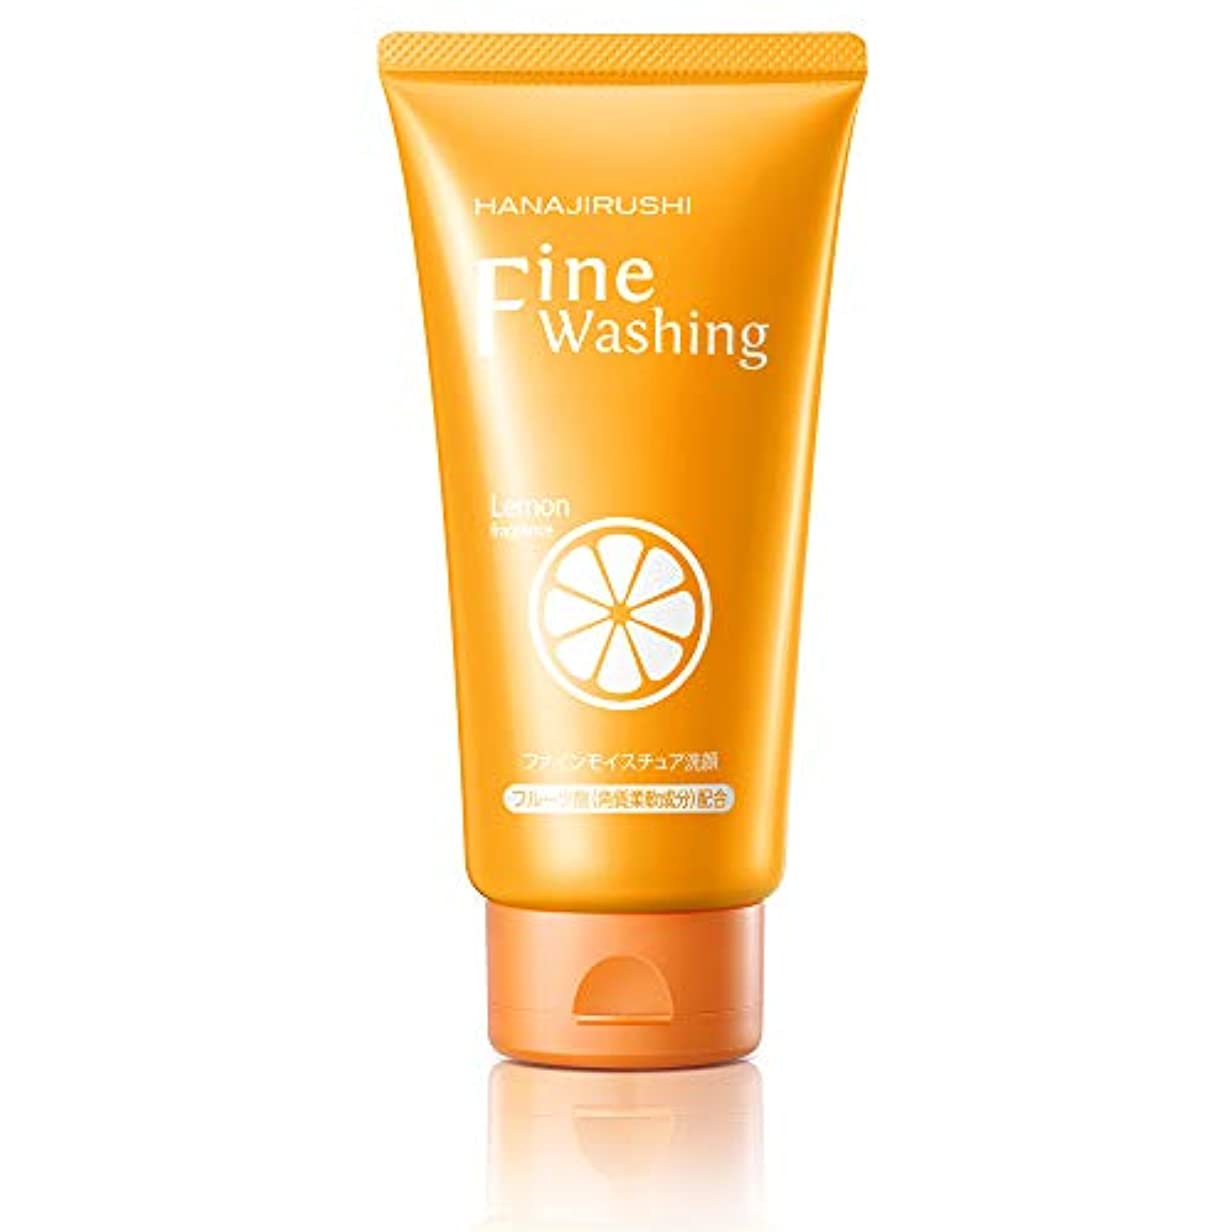 帰するバランスのとれた無許可花印ビタミンC誘導体配合ホワイト洗顔フォーム120g シミ?くすみ対策